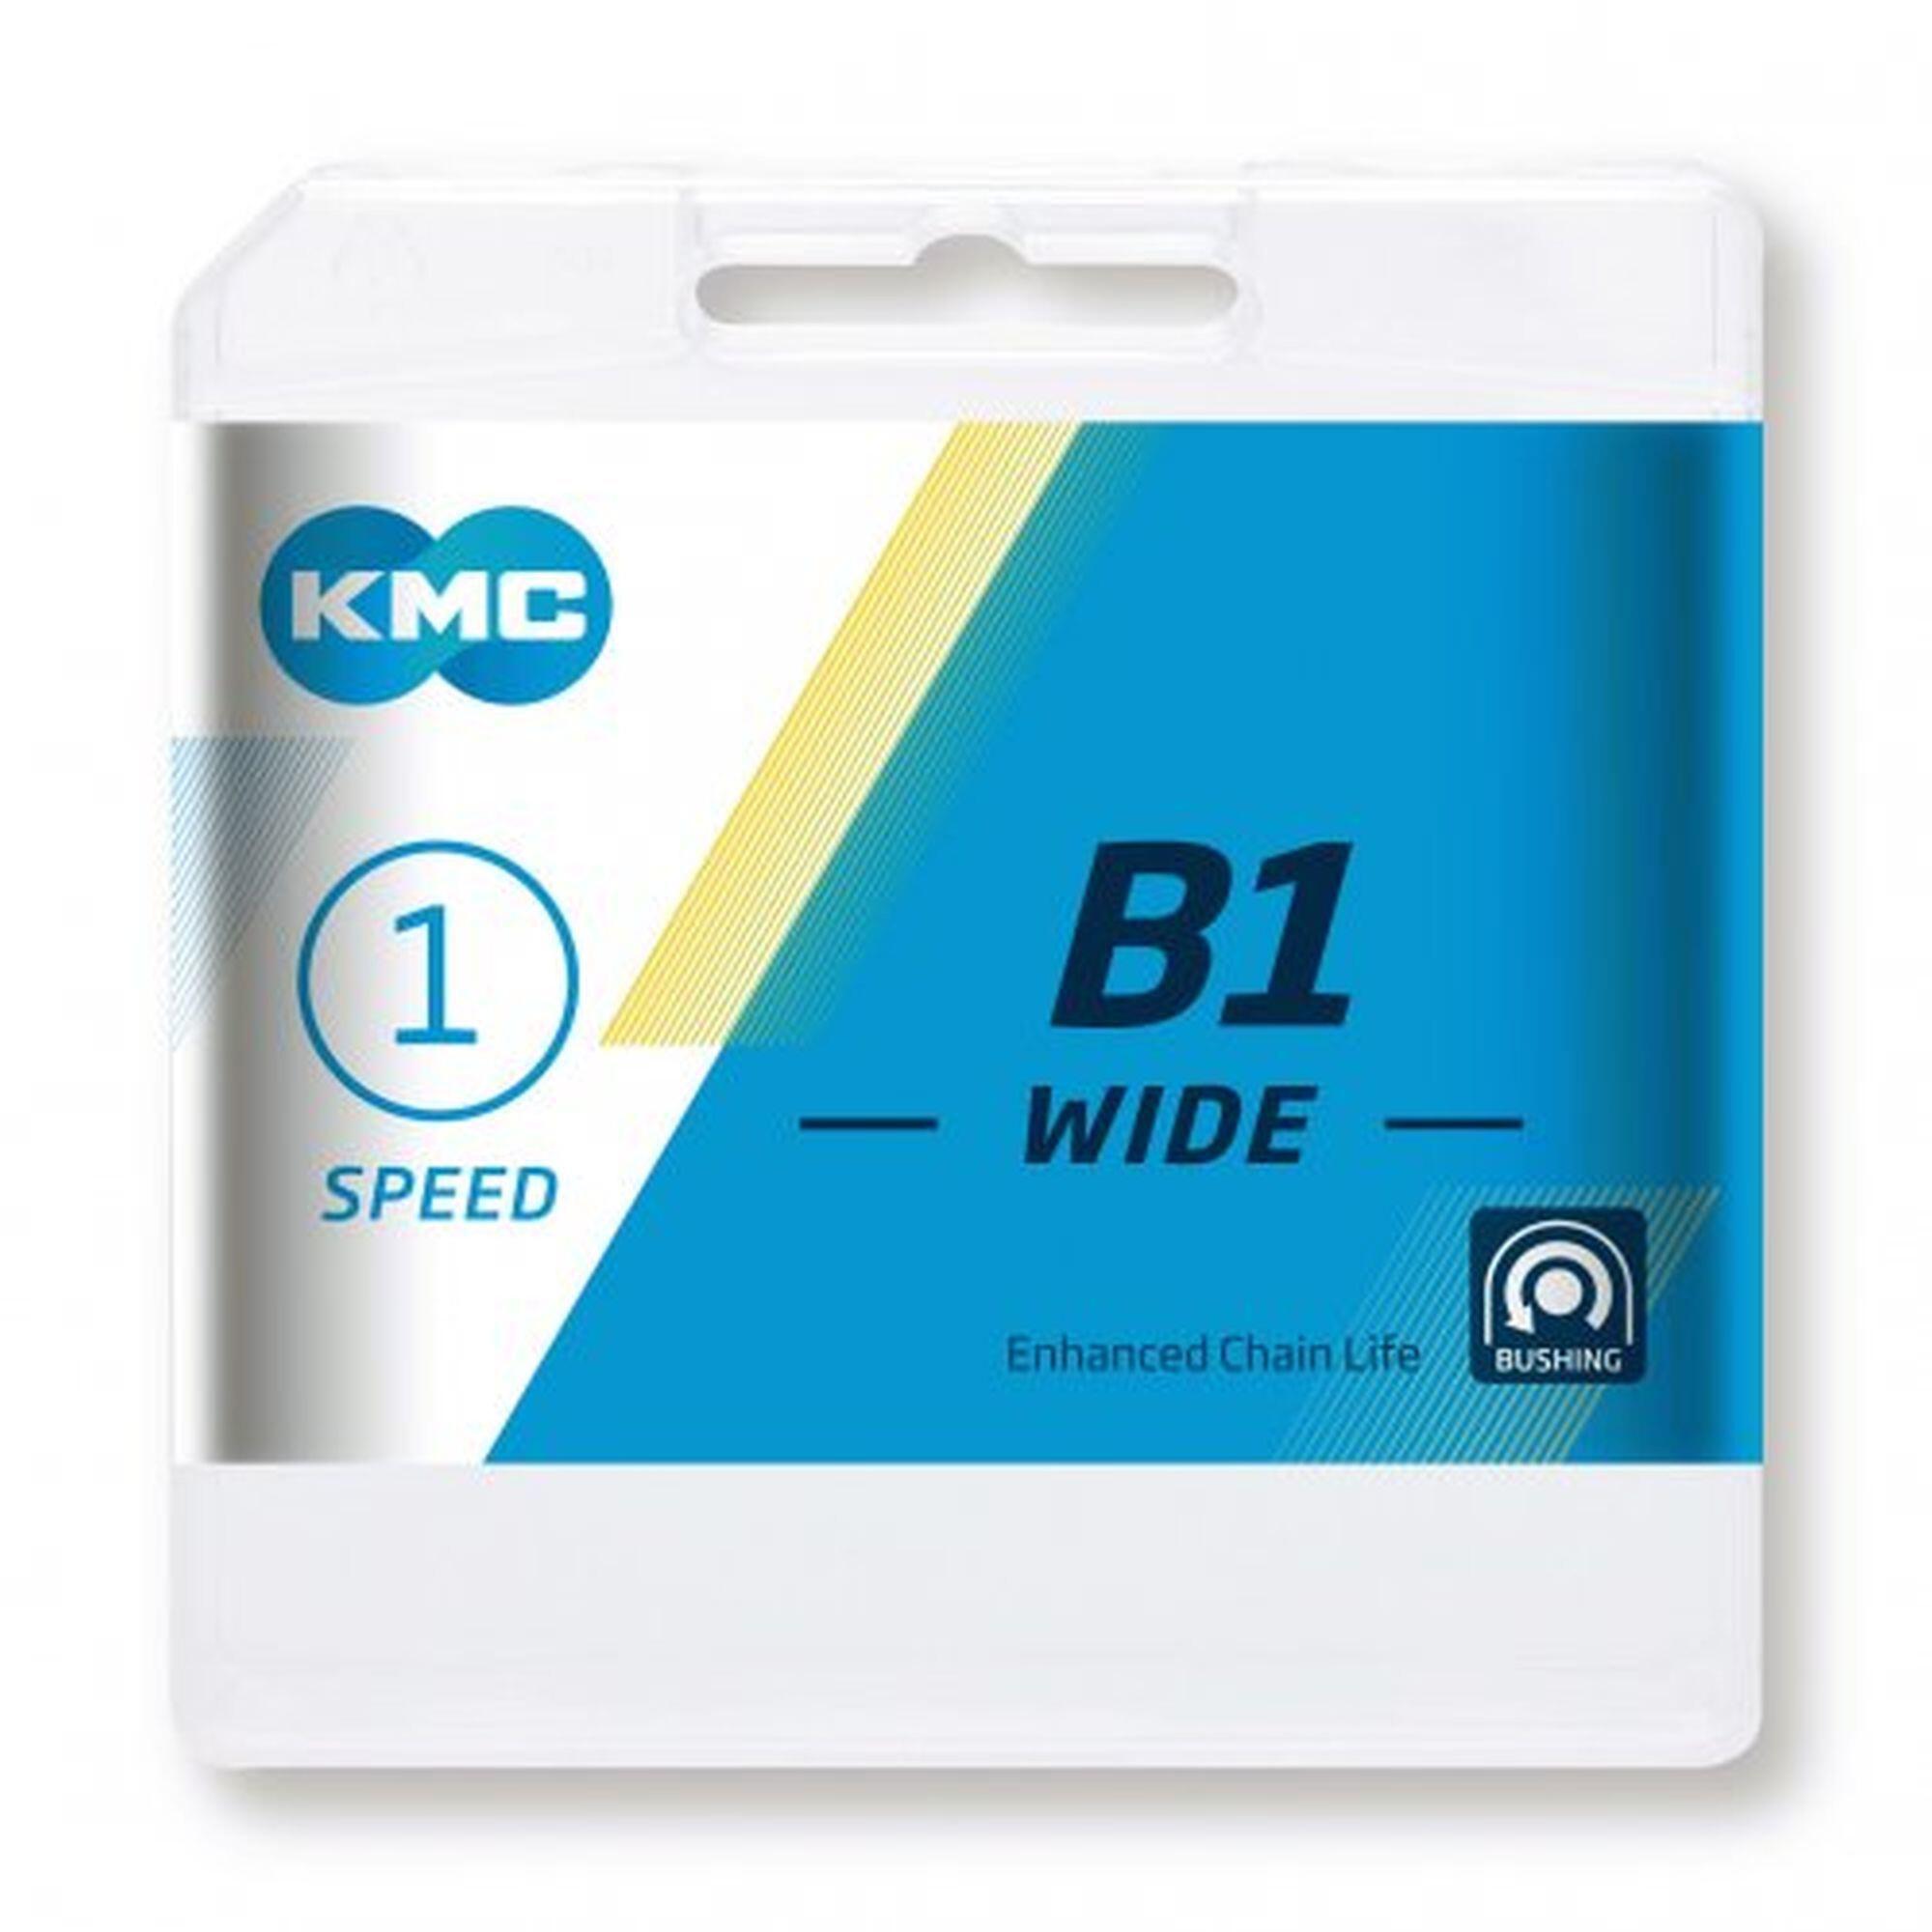 KMC B1 Wide Kæde 1-speed, silver | Kæder